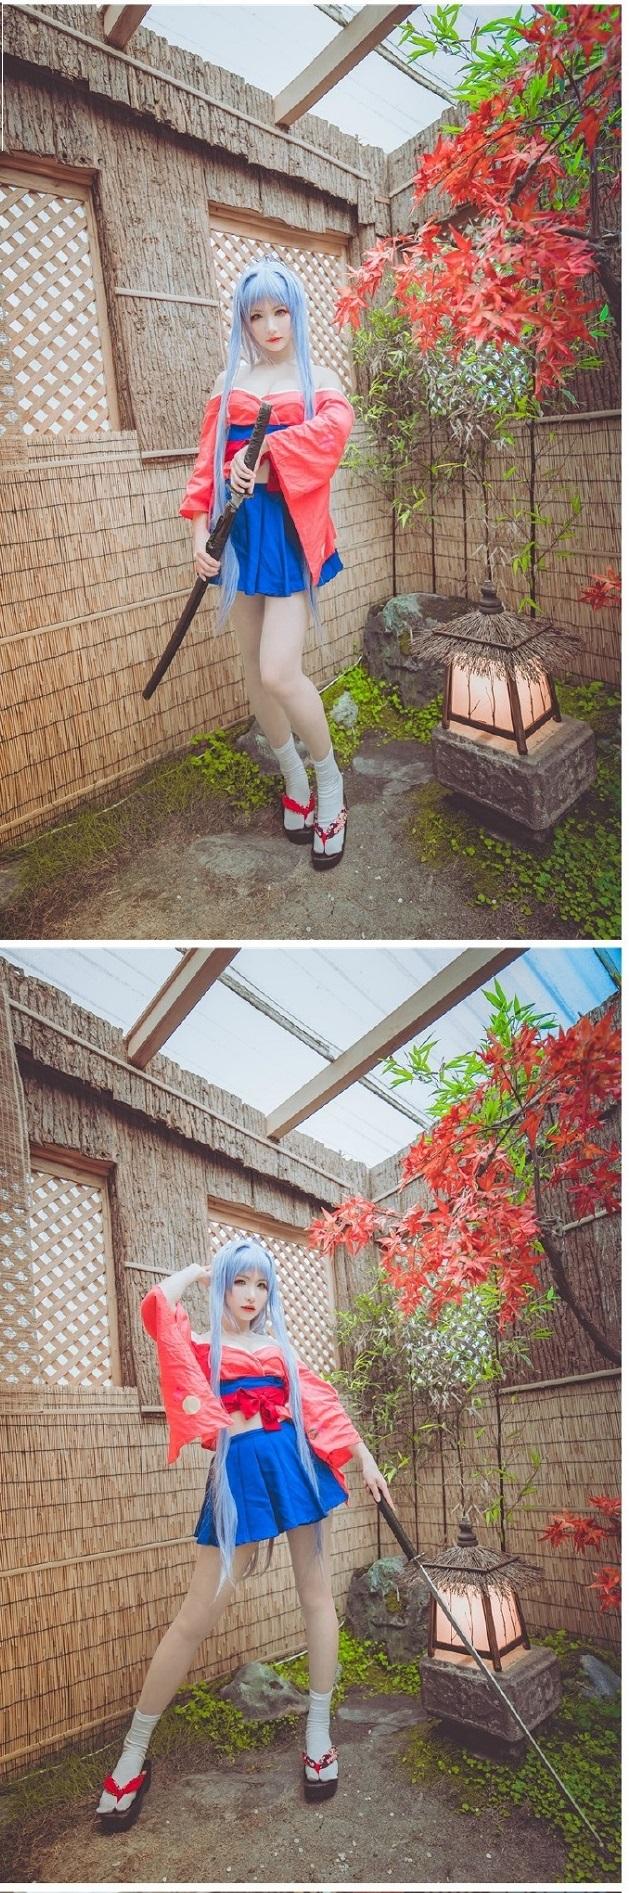 """""""Chết ngộp"""" với bộ ảnh cosplay từ anime Tenjou Tenge cực nóng bỏng"""